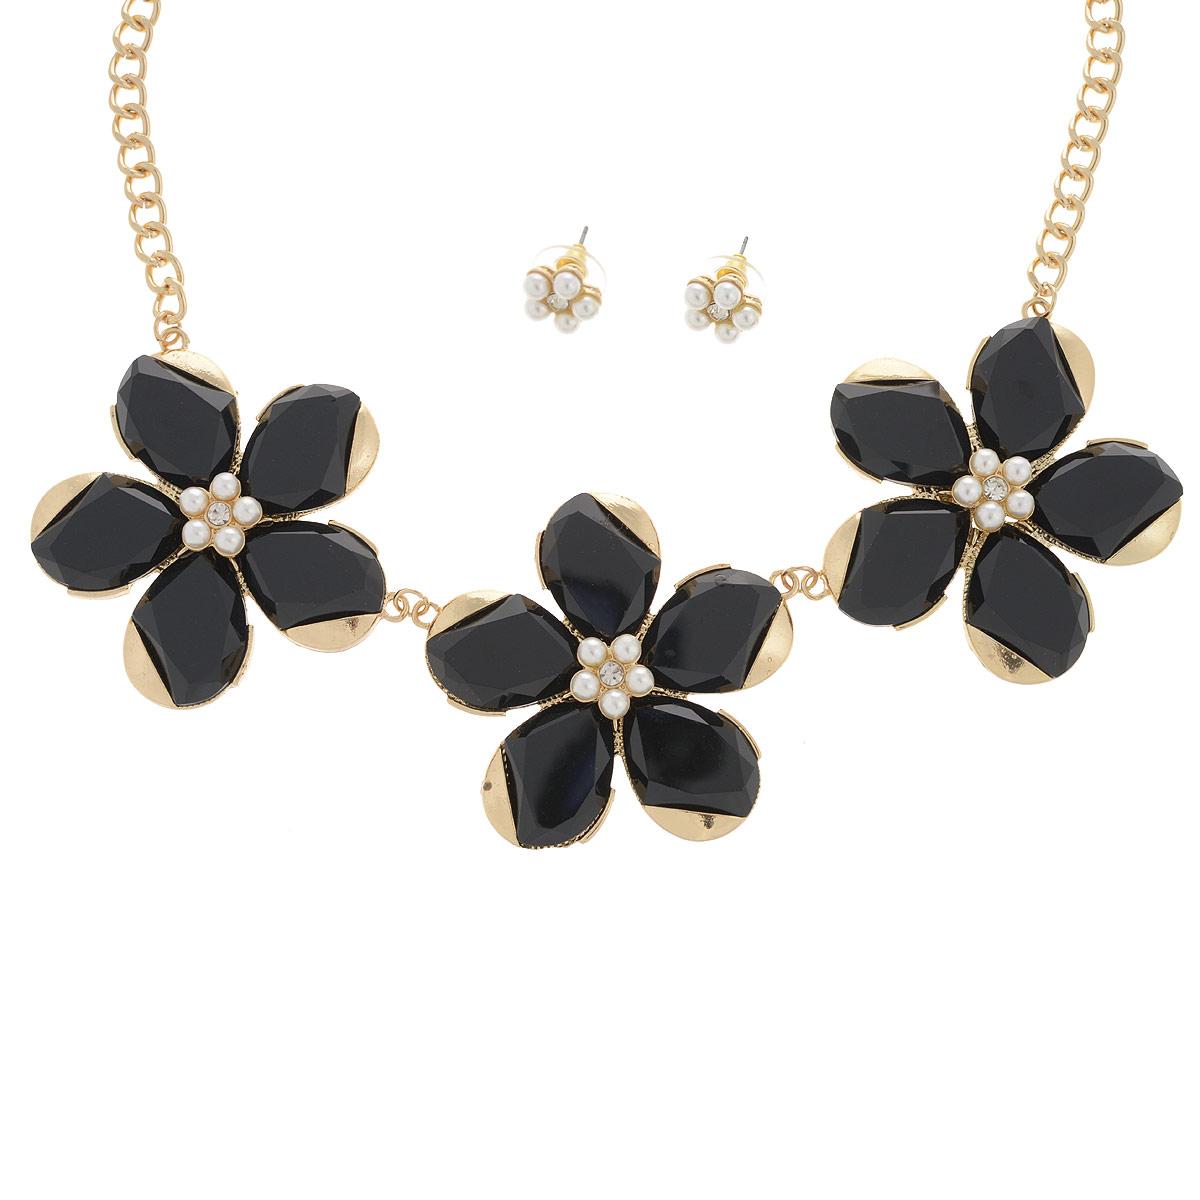 Комплект украшений 'AtStyle247': колье, серьги, цвет: золотистый, черный. T-B-8307-SET-GD.BLACK